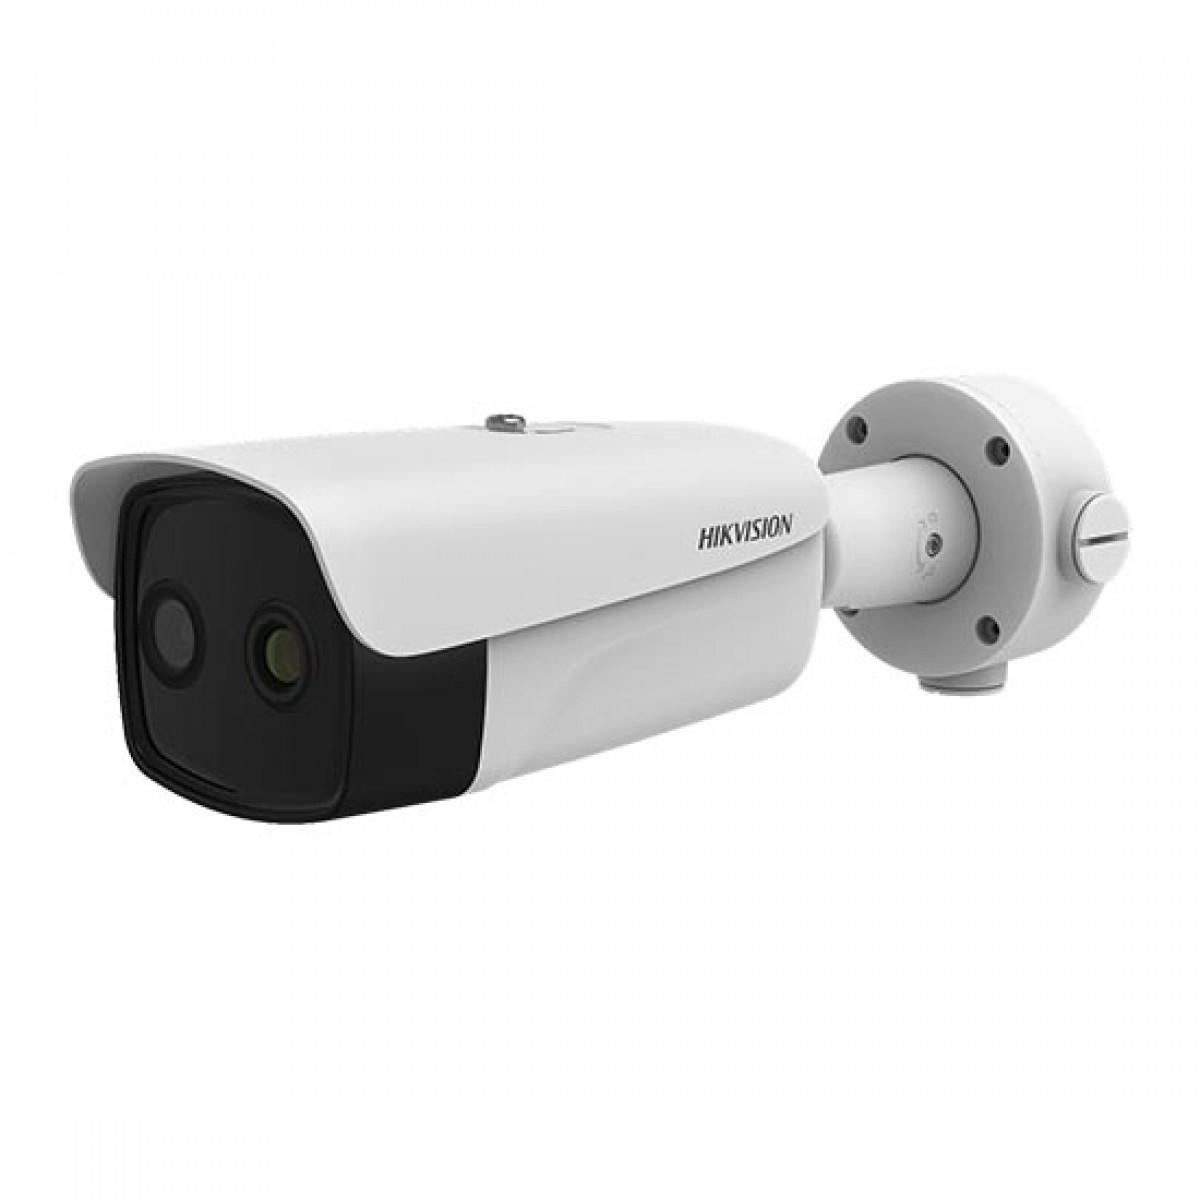 Εικόνα της DS-2TD2637B-10/P  Temperature Screening Thermographic Bullet 4mm Camera Hikvision